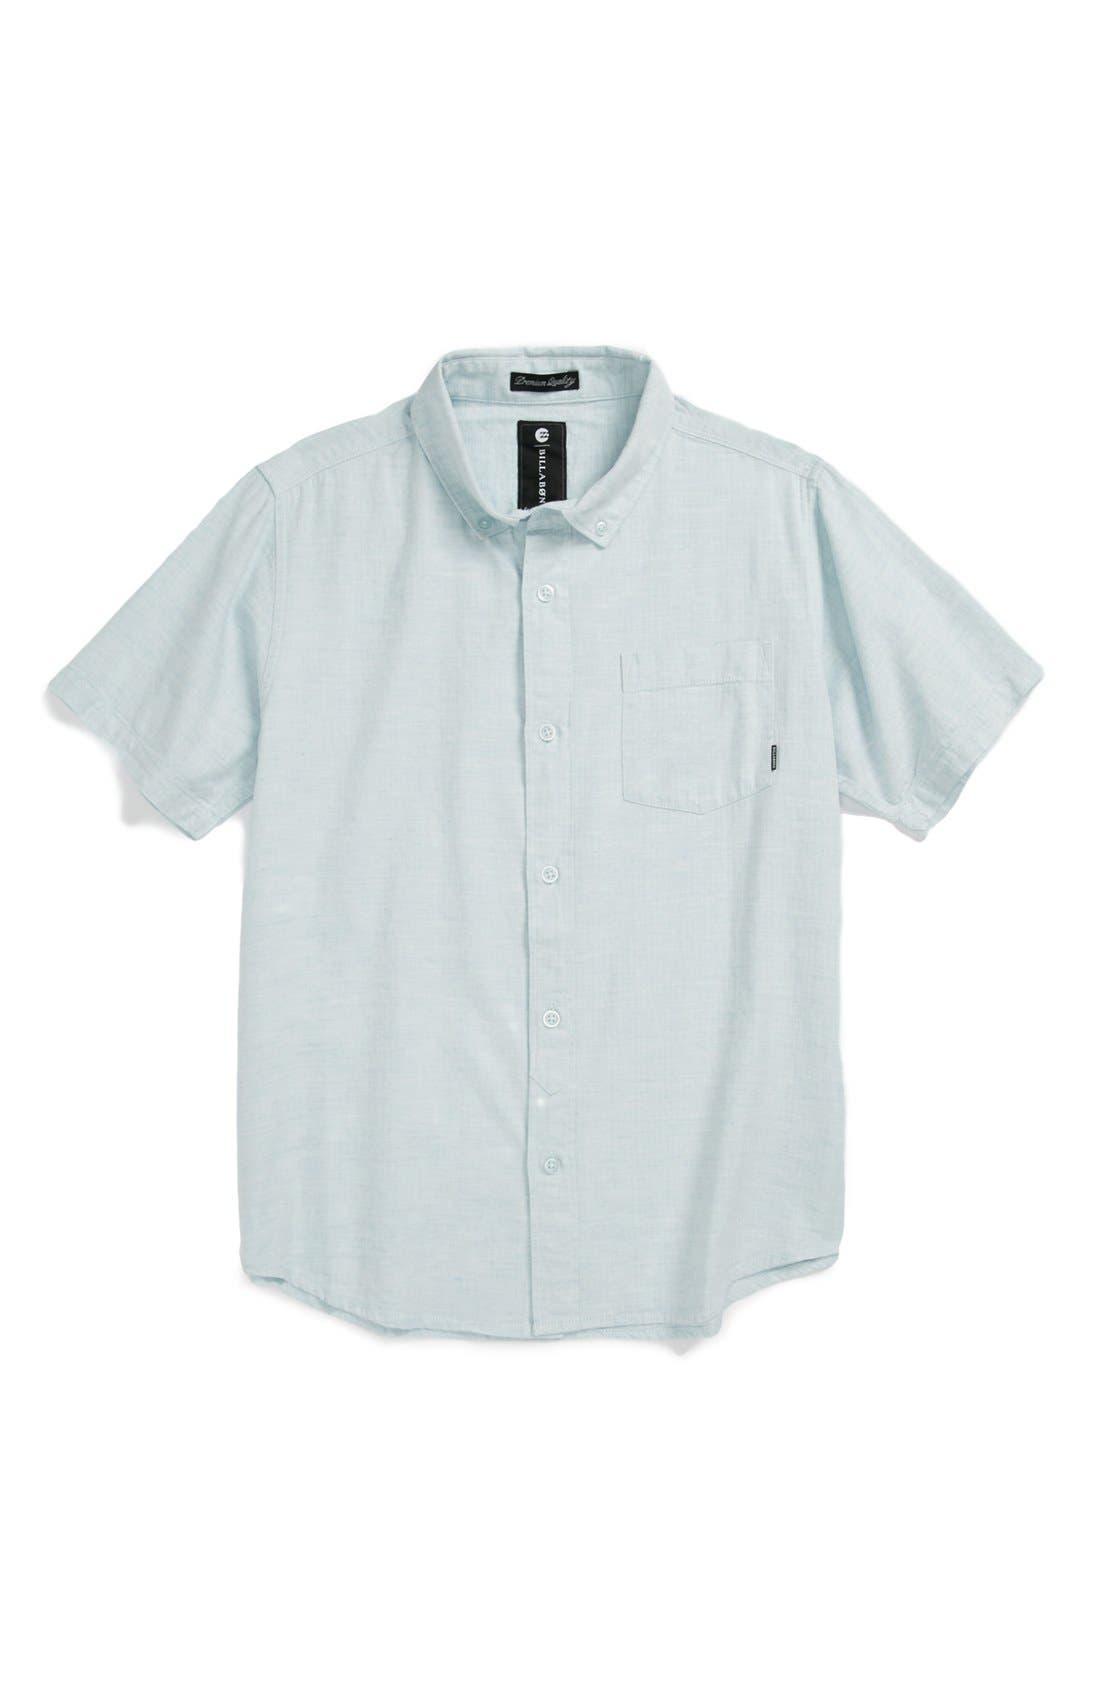 Alternate Image 1 Selected - Billabong 'All Day' Chambray Shirt (Big Boys)